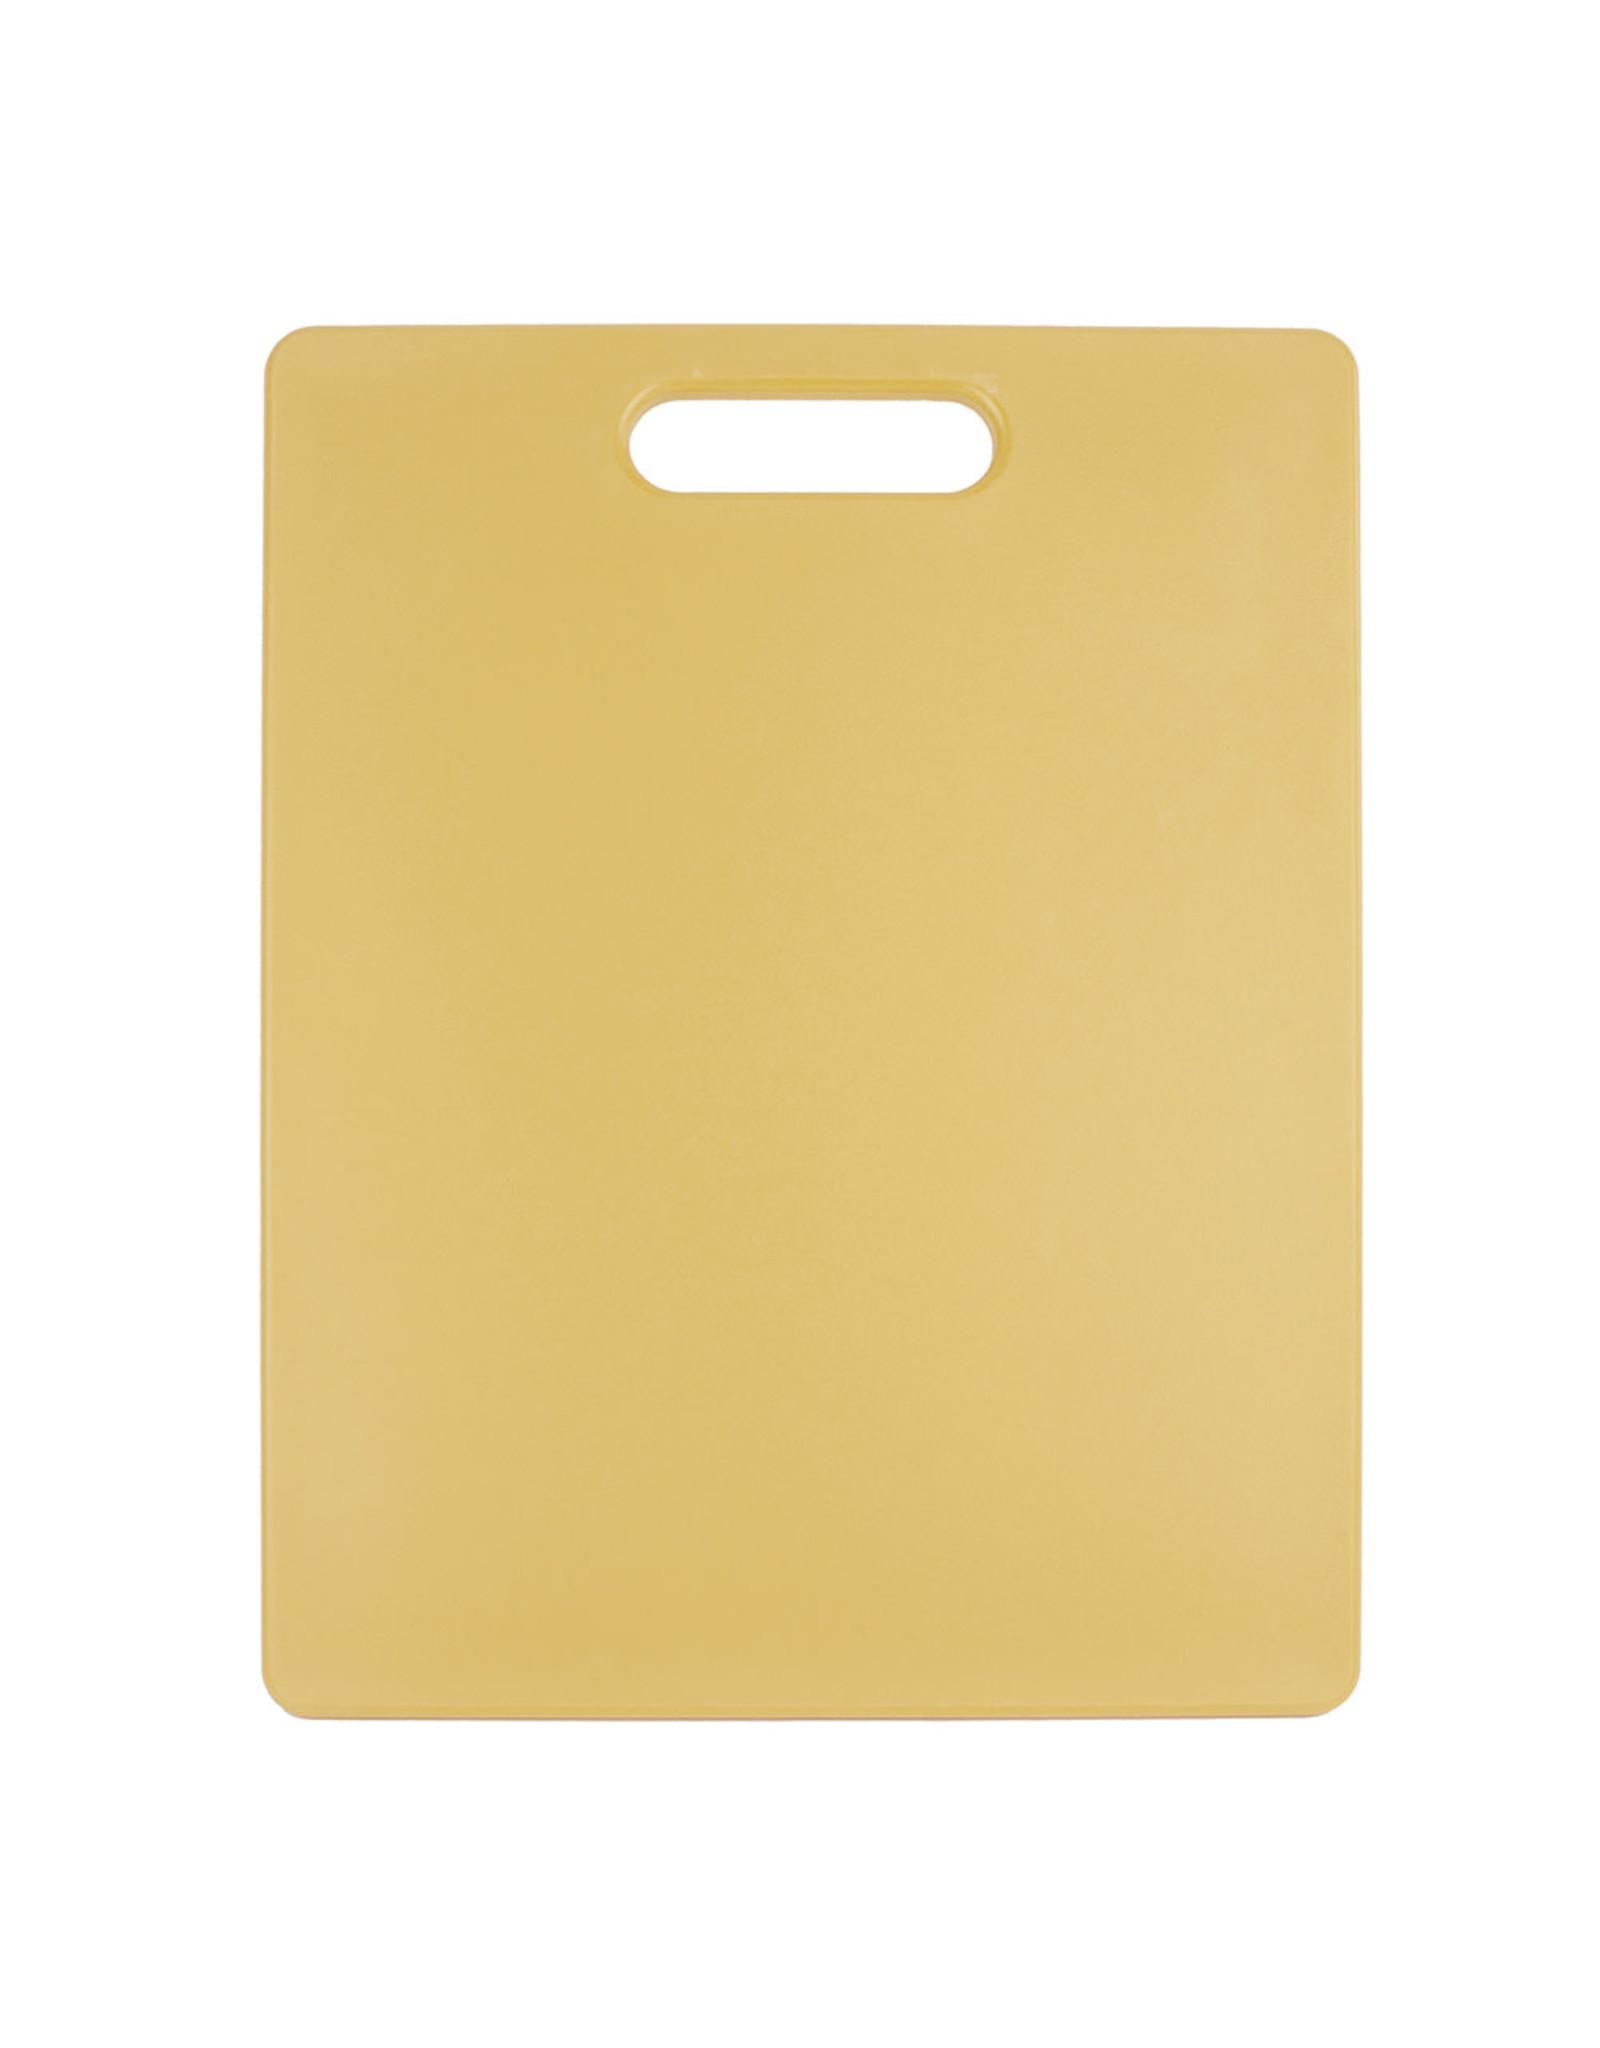 """Gripper Cutting Board 11"""" x 14"""" in Yellow"""